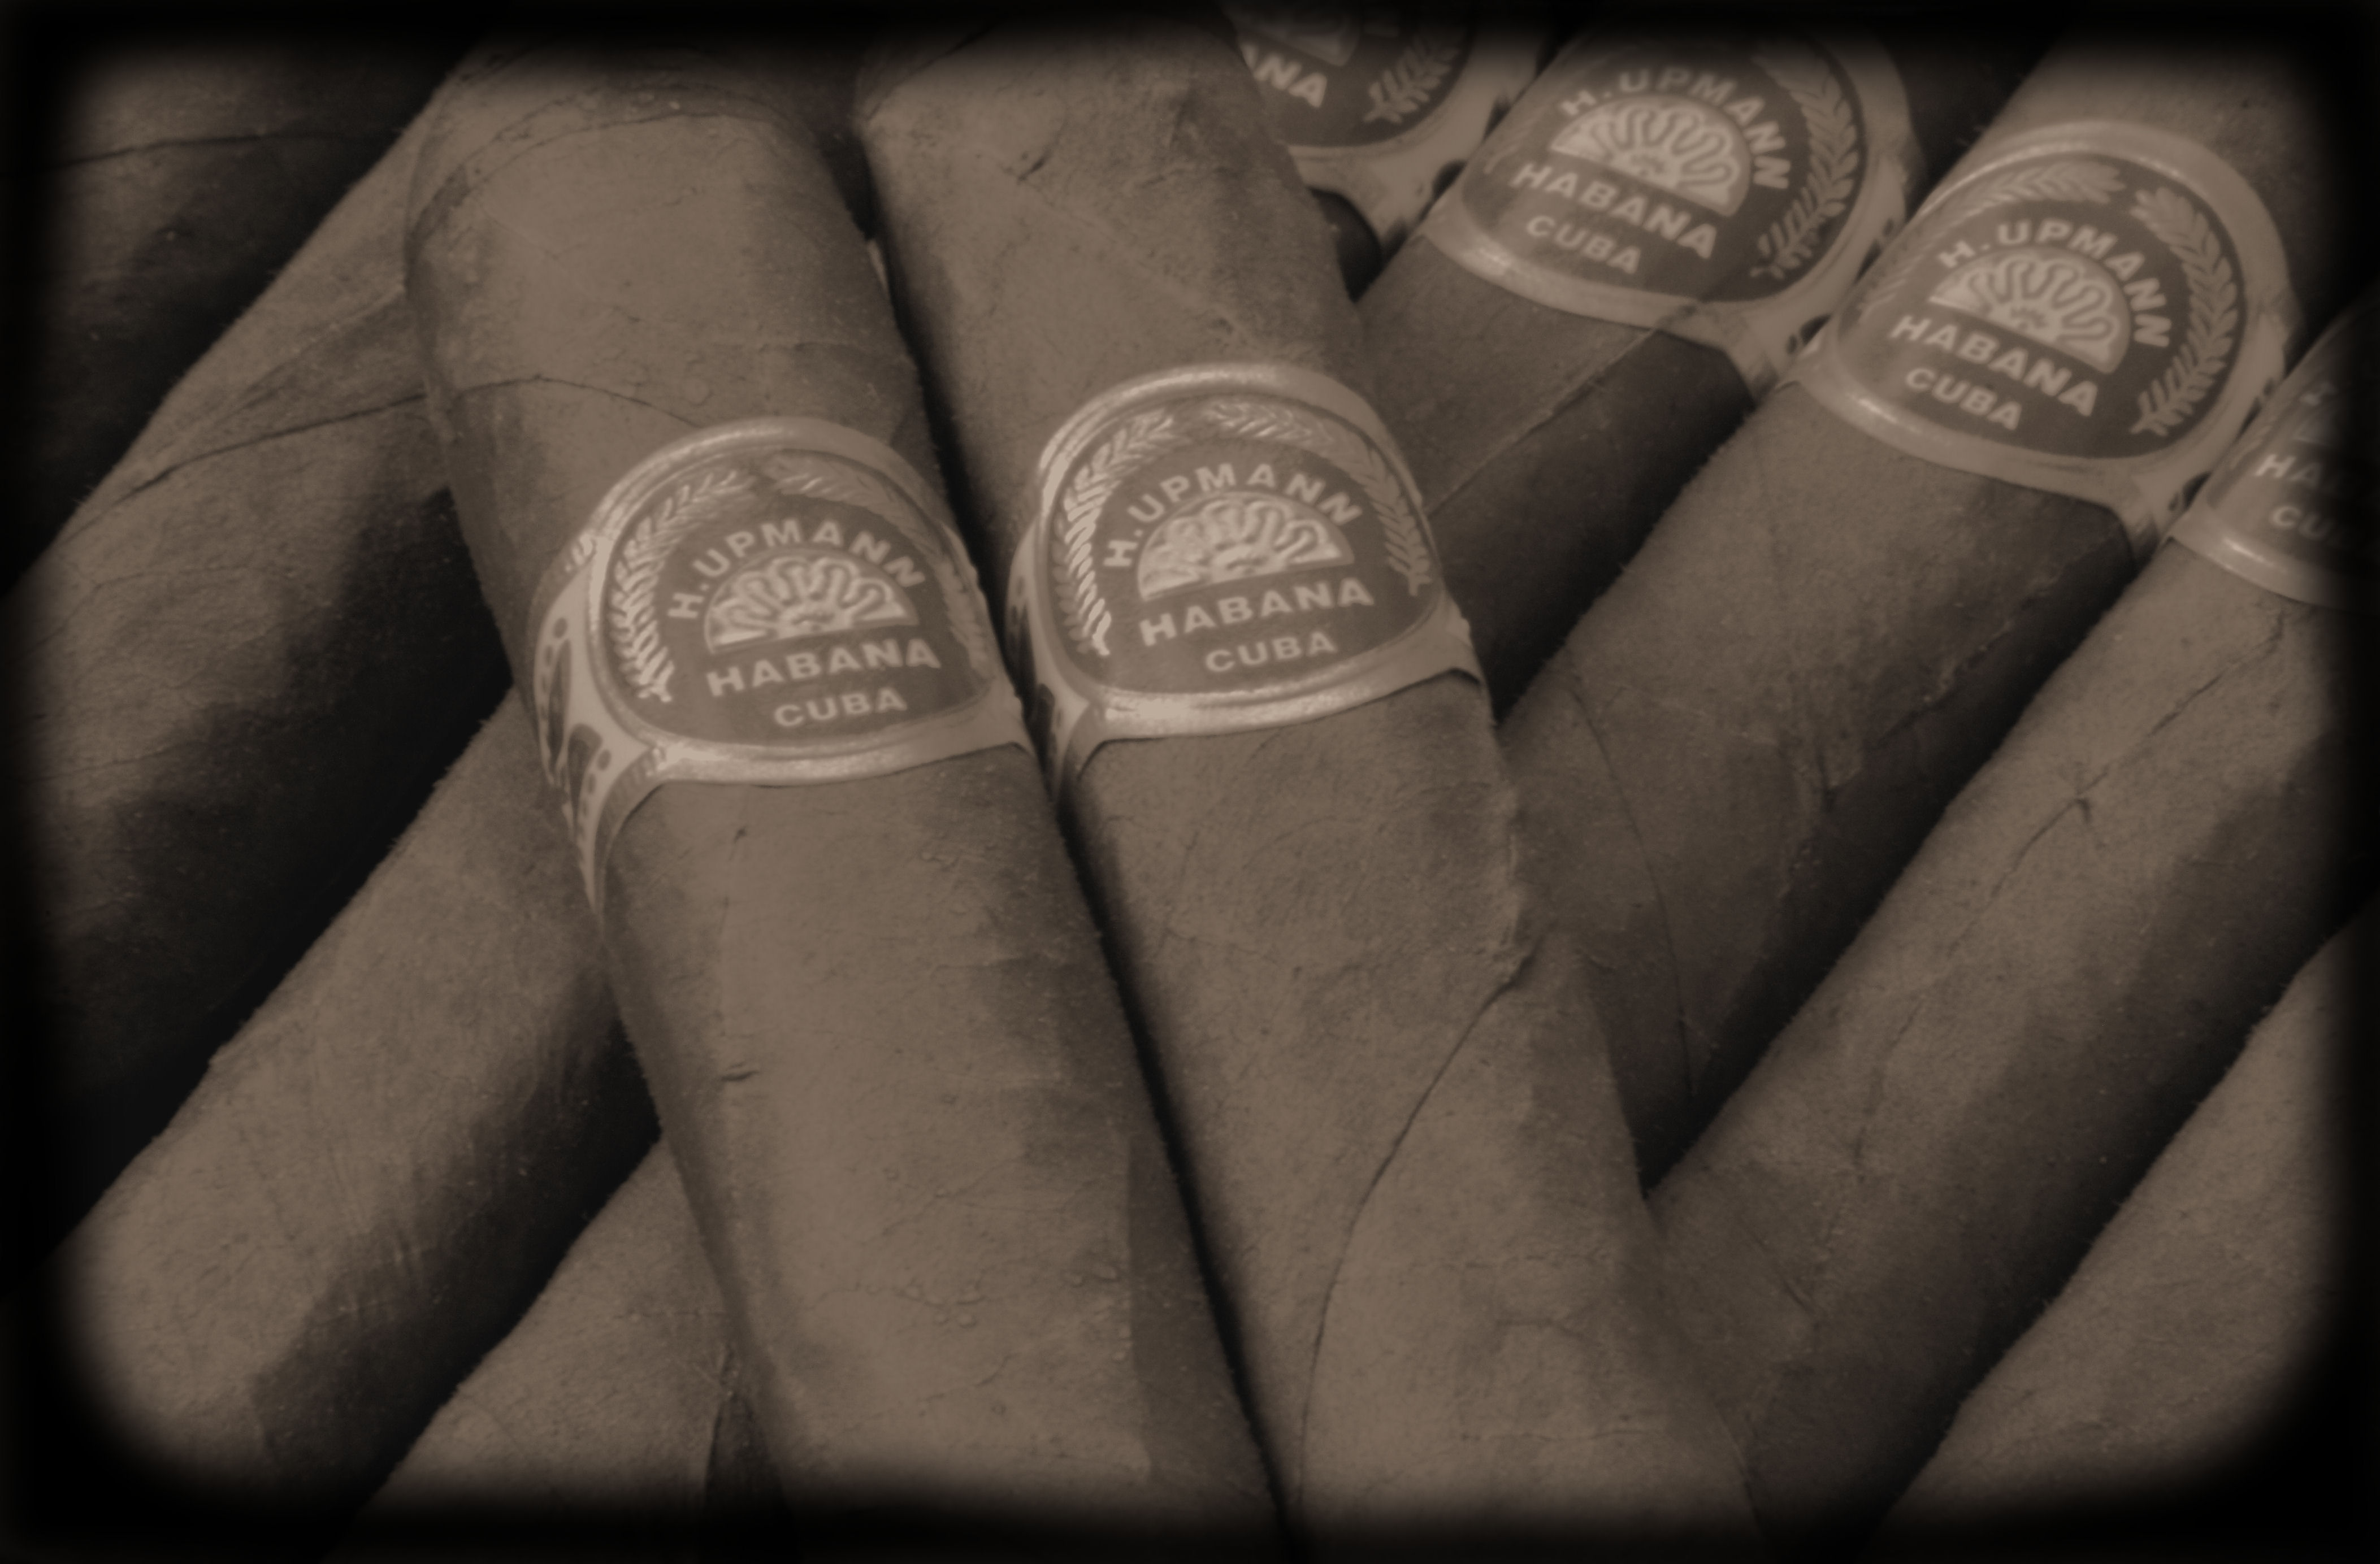 Cigars, Cancer, Cigar, Cuban, Entertainment, HQ Photo